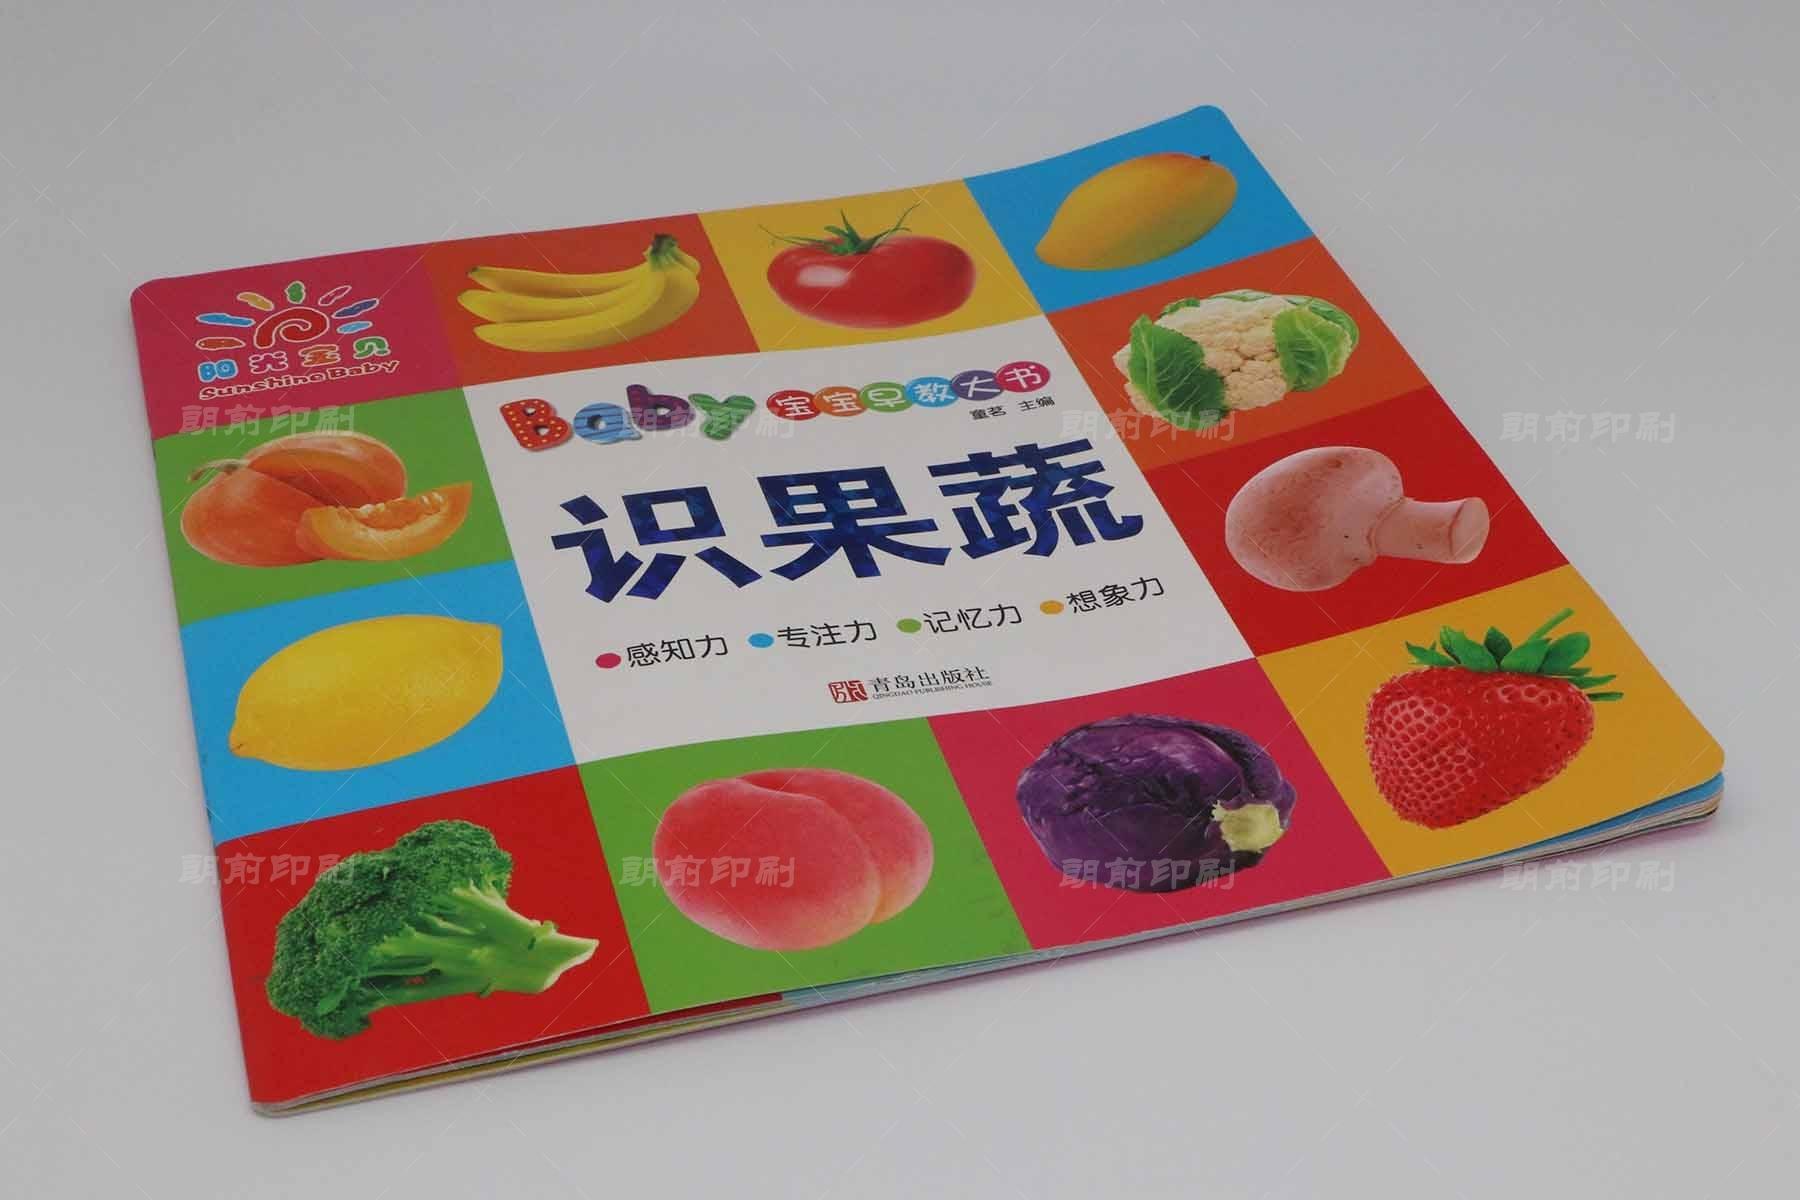 广州画册设计好后是怎么印刷的 广州印刷100p的画册多少钱